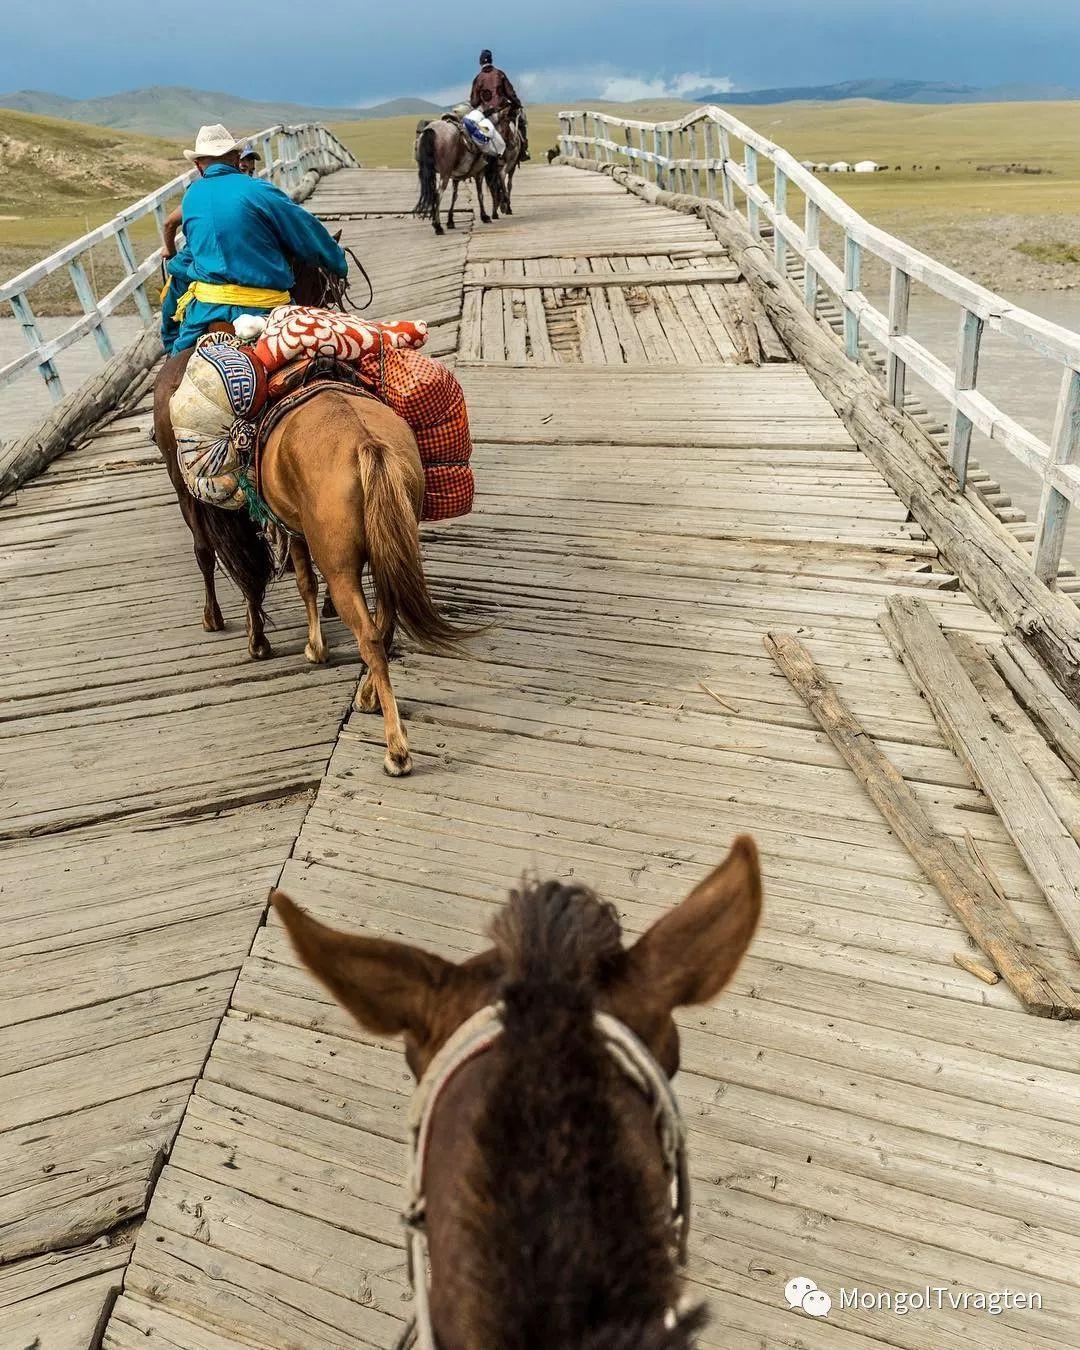 蒙古影像-- Henne Metz 第14张 蒙古影像-- Henne Metz 蒙古文化